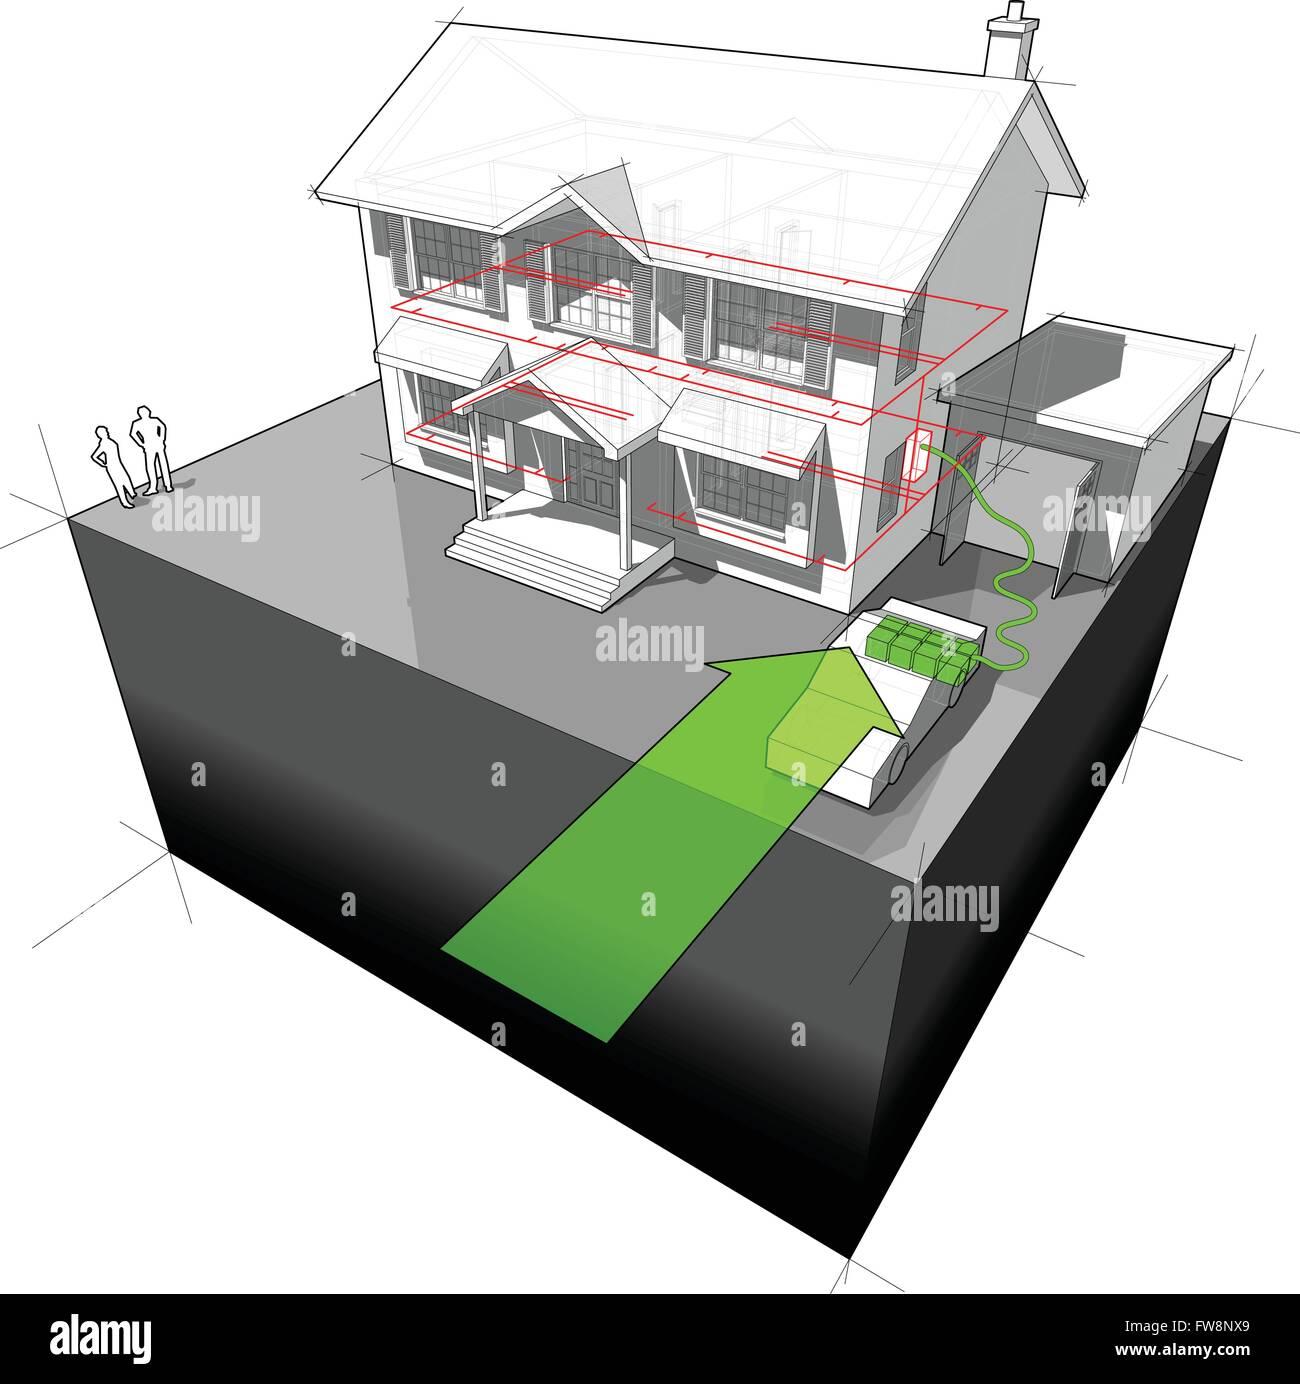 Elektrisches Diagramm Für Ein Haus - linearsystem.co - Home Design ...